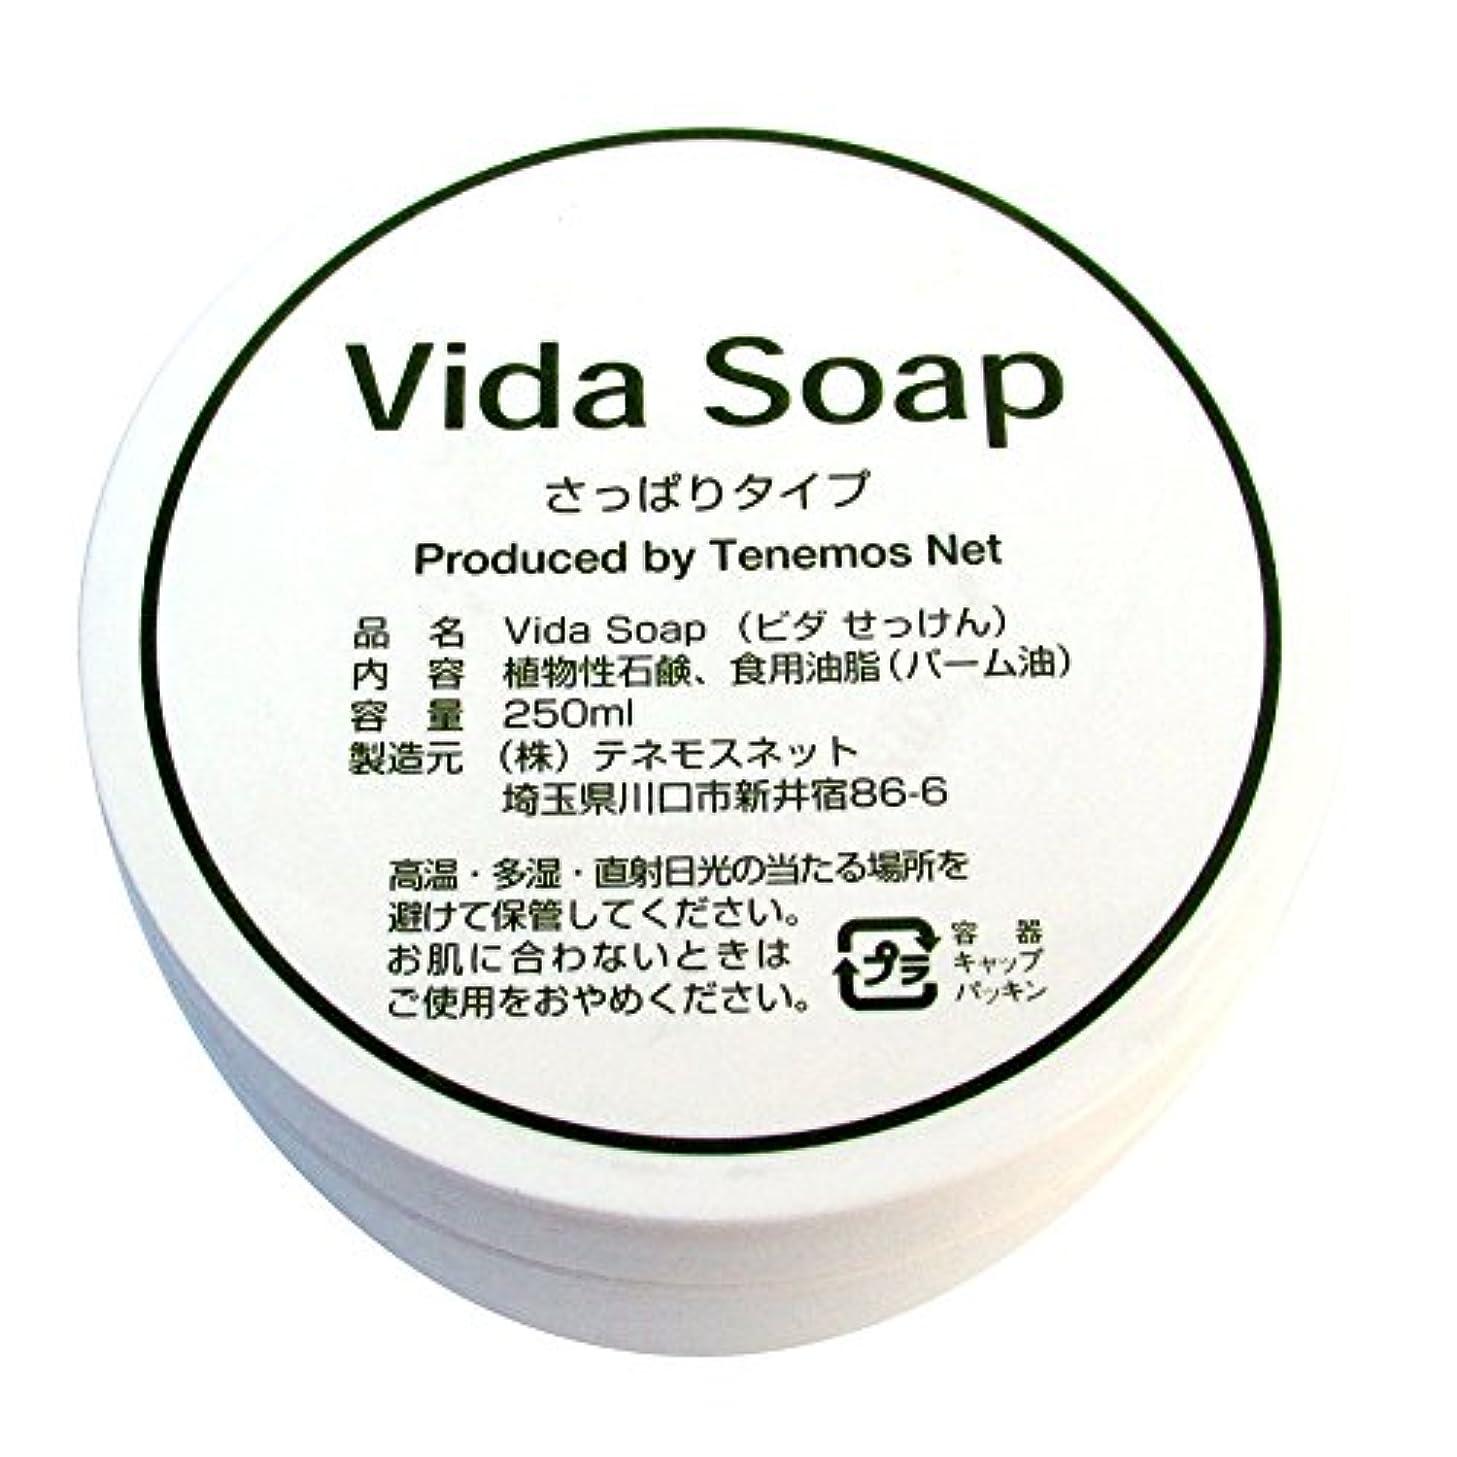 プランターコンパクトきらきらテネモス ビダせっけん Vida Soap さっぱりノーマル 植物性 250ml